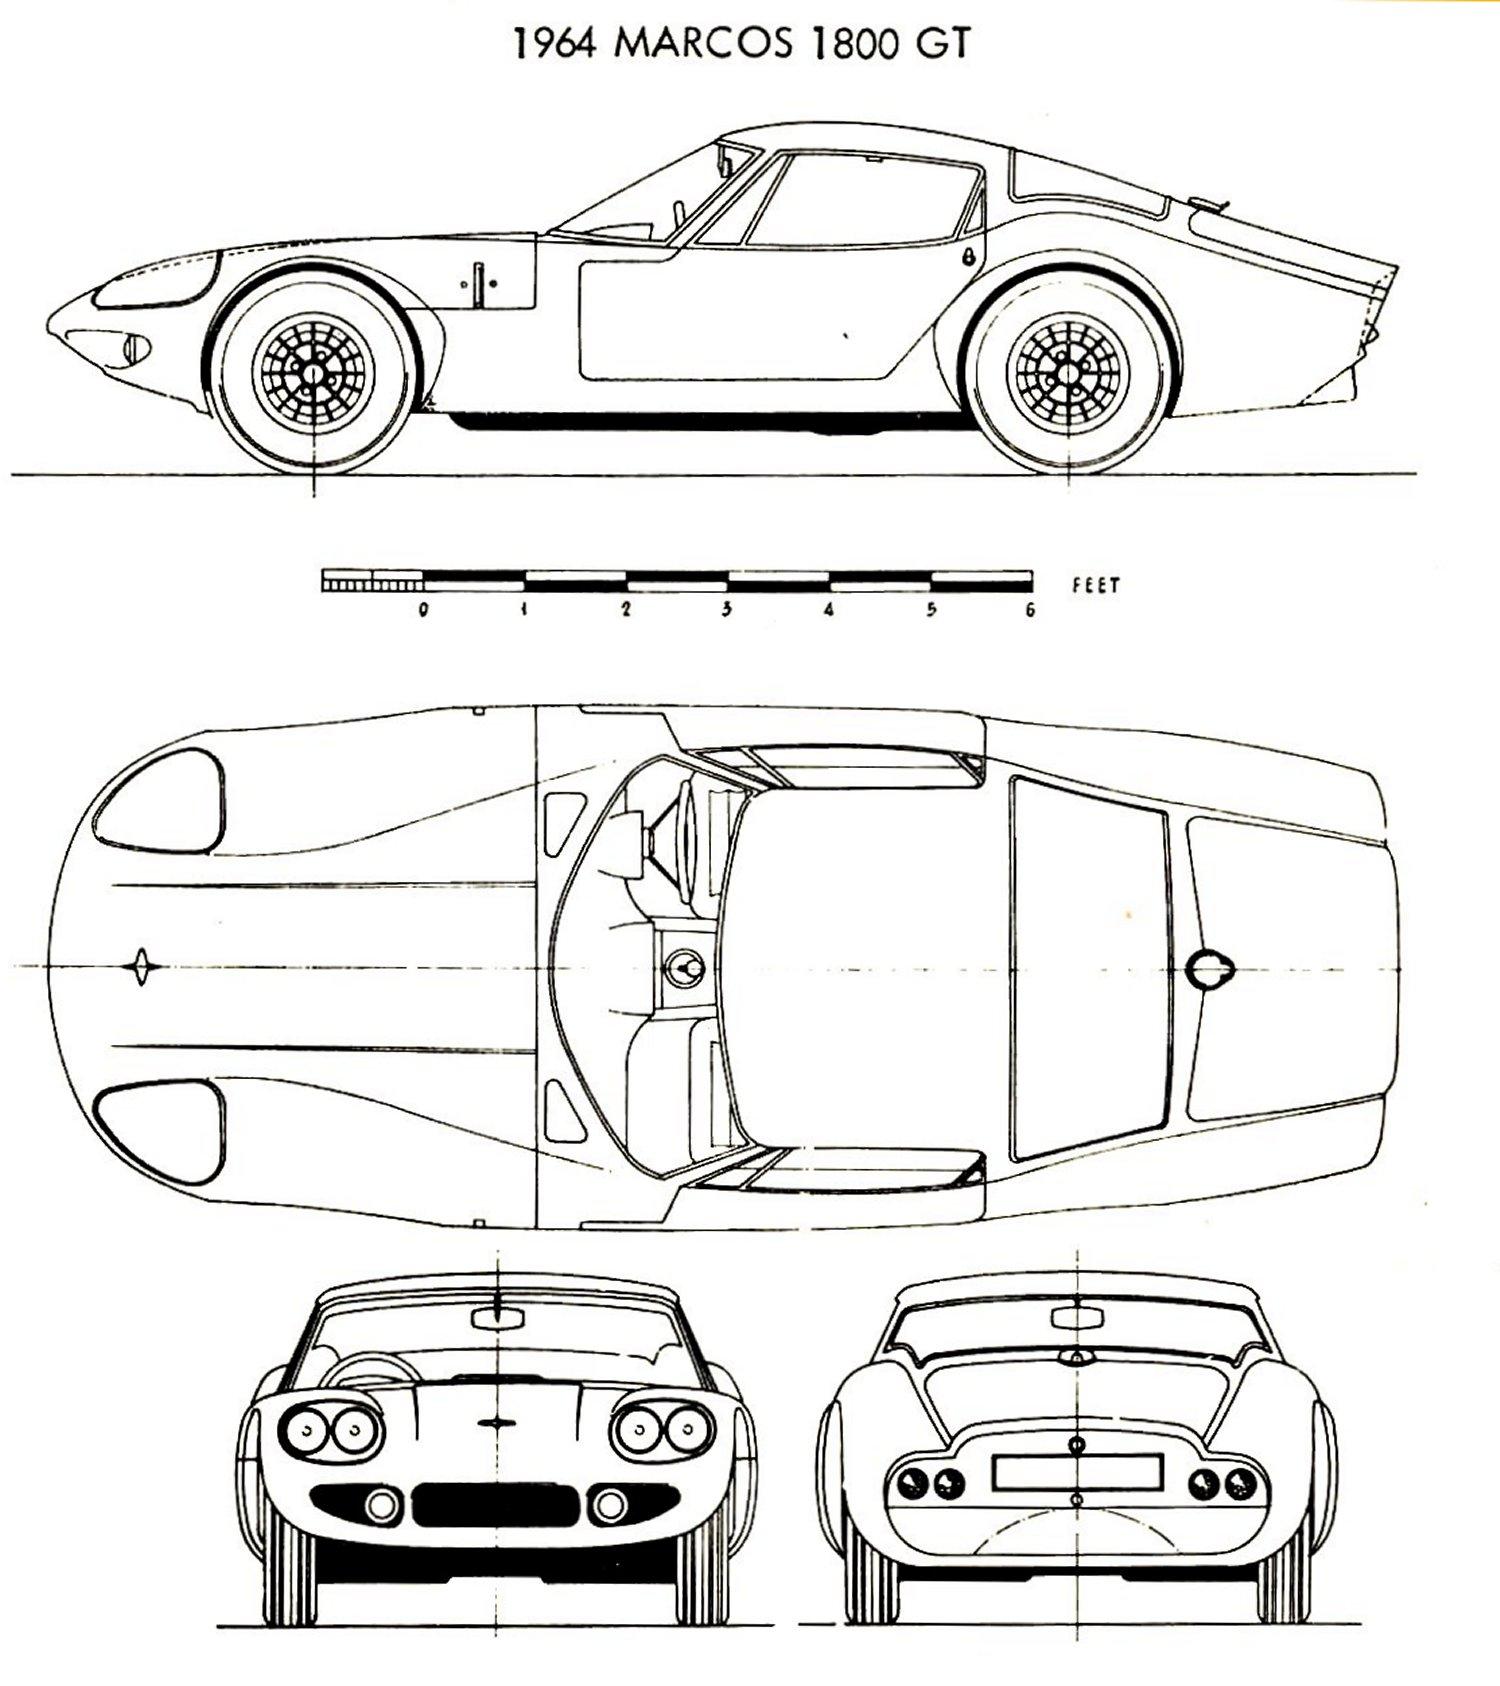 Marcos Gt Blueprint